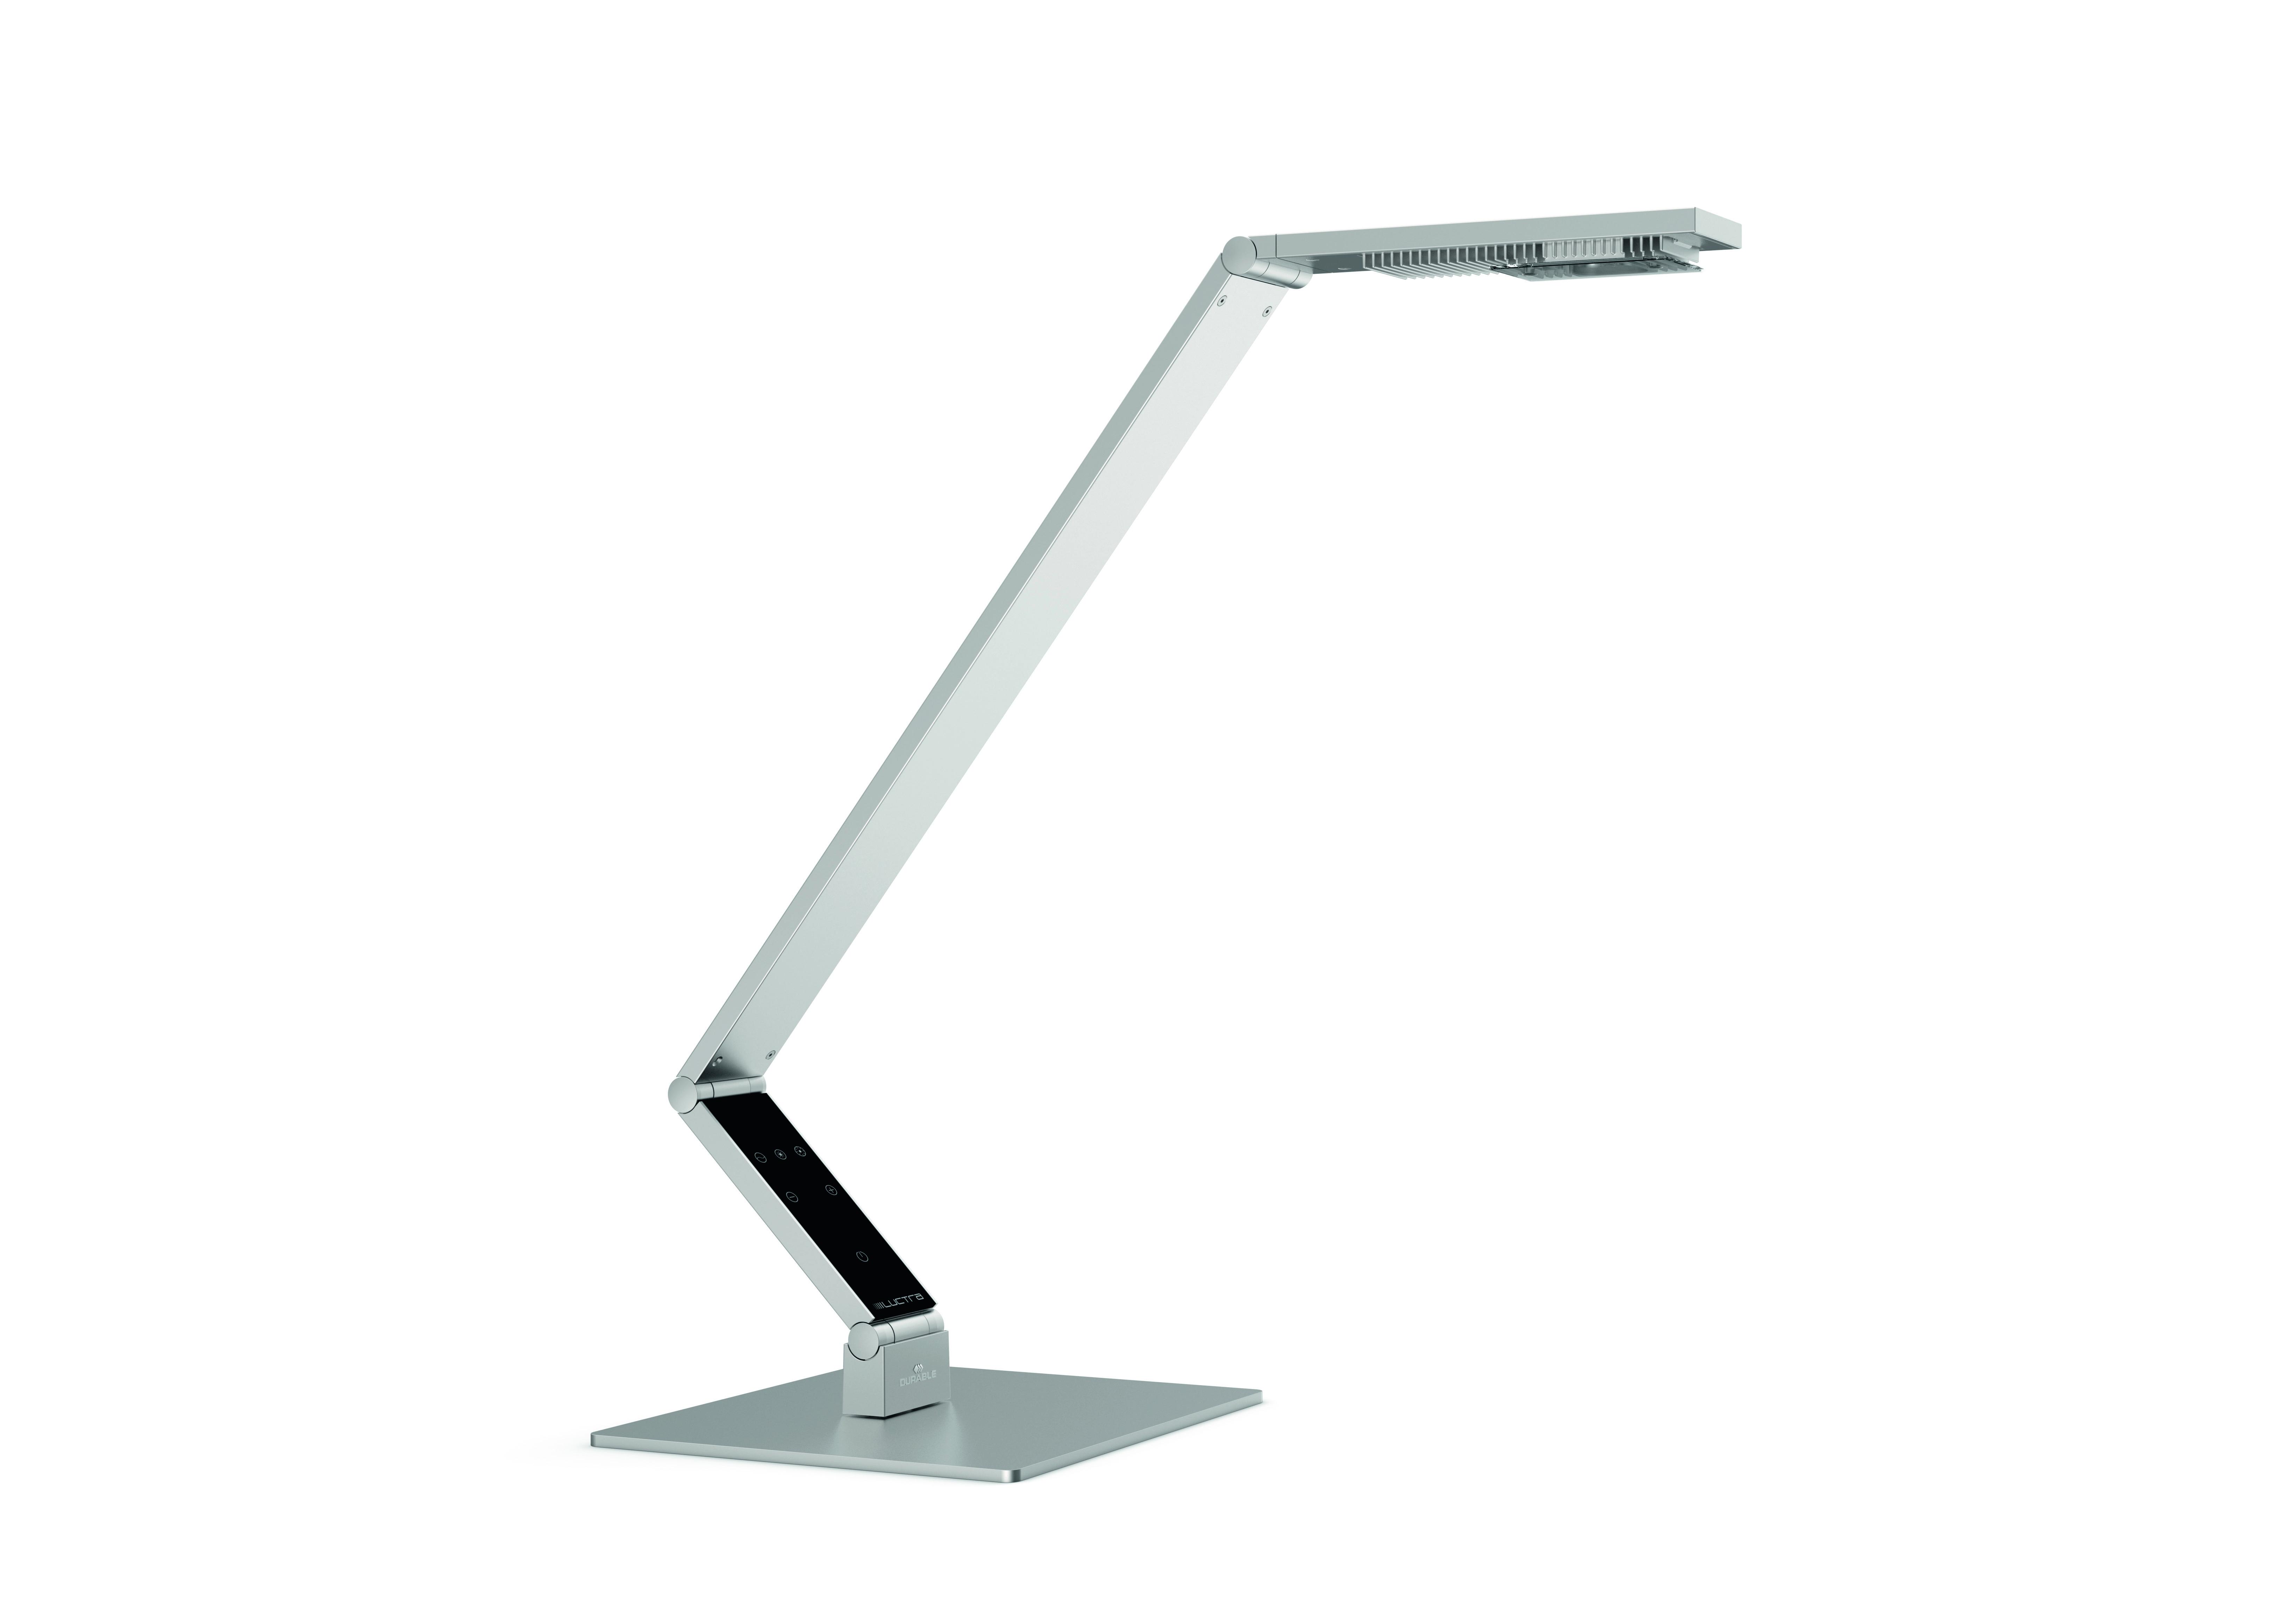 Настольная лампа LUCTRA LINEAR TABLEНастольные лампы<br>LINEAR TABLE в стиле hi-tech великолепно впишется в любой интерьер: офис, домашний кабинет, гостиную. Сочетание высококлассной LED-технологии, точной регулировки света делают эту лампу идеальным инструментом для работы.<br>&amp;lt;br&amp;gt;LED-лампы:<br>- 2 лампы холодного белого свечения &amp;amp;amp; 2 теплого белого свечения<br>- генерация света интенсивностью до 1000 лк при высоте 60 см<br>- срок службы более 50 000 часов за счет радиаторов охлаждения. Отсутствует риск обжечься при контакте с головкой лампы.<br>Питание: <br>- класс потребления энергии: А<br>- в комплекте евроштекер и штекер британского стандарта<br>- кабель 1,8 м<br>&amp;lt;br&amp;gt;<br>Алюминиевый корпус, сверхпрочные самоблокирующиеся шарниры.<br><br>Material: Алюминий<br>Depth см: 9<br>Height см: 30-75